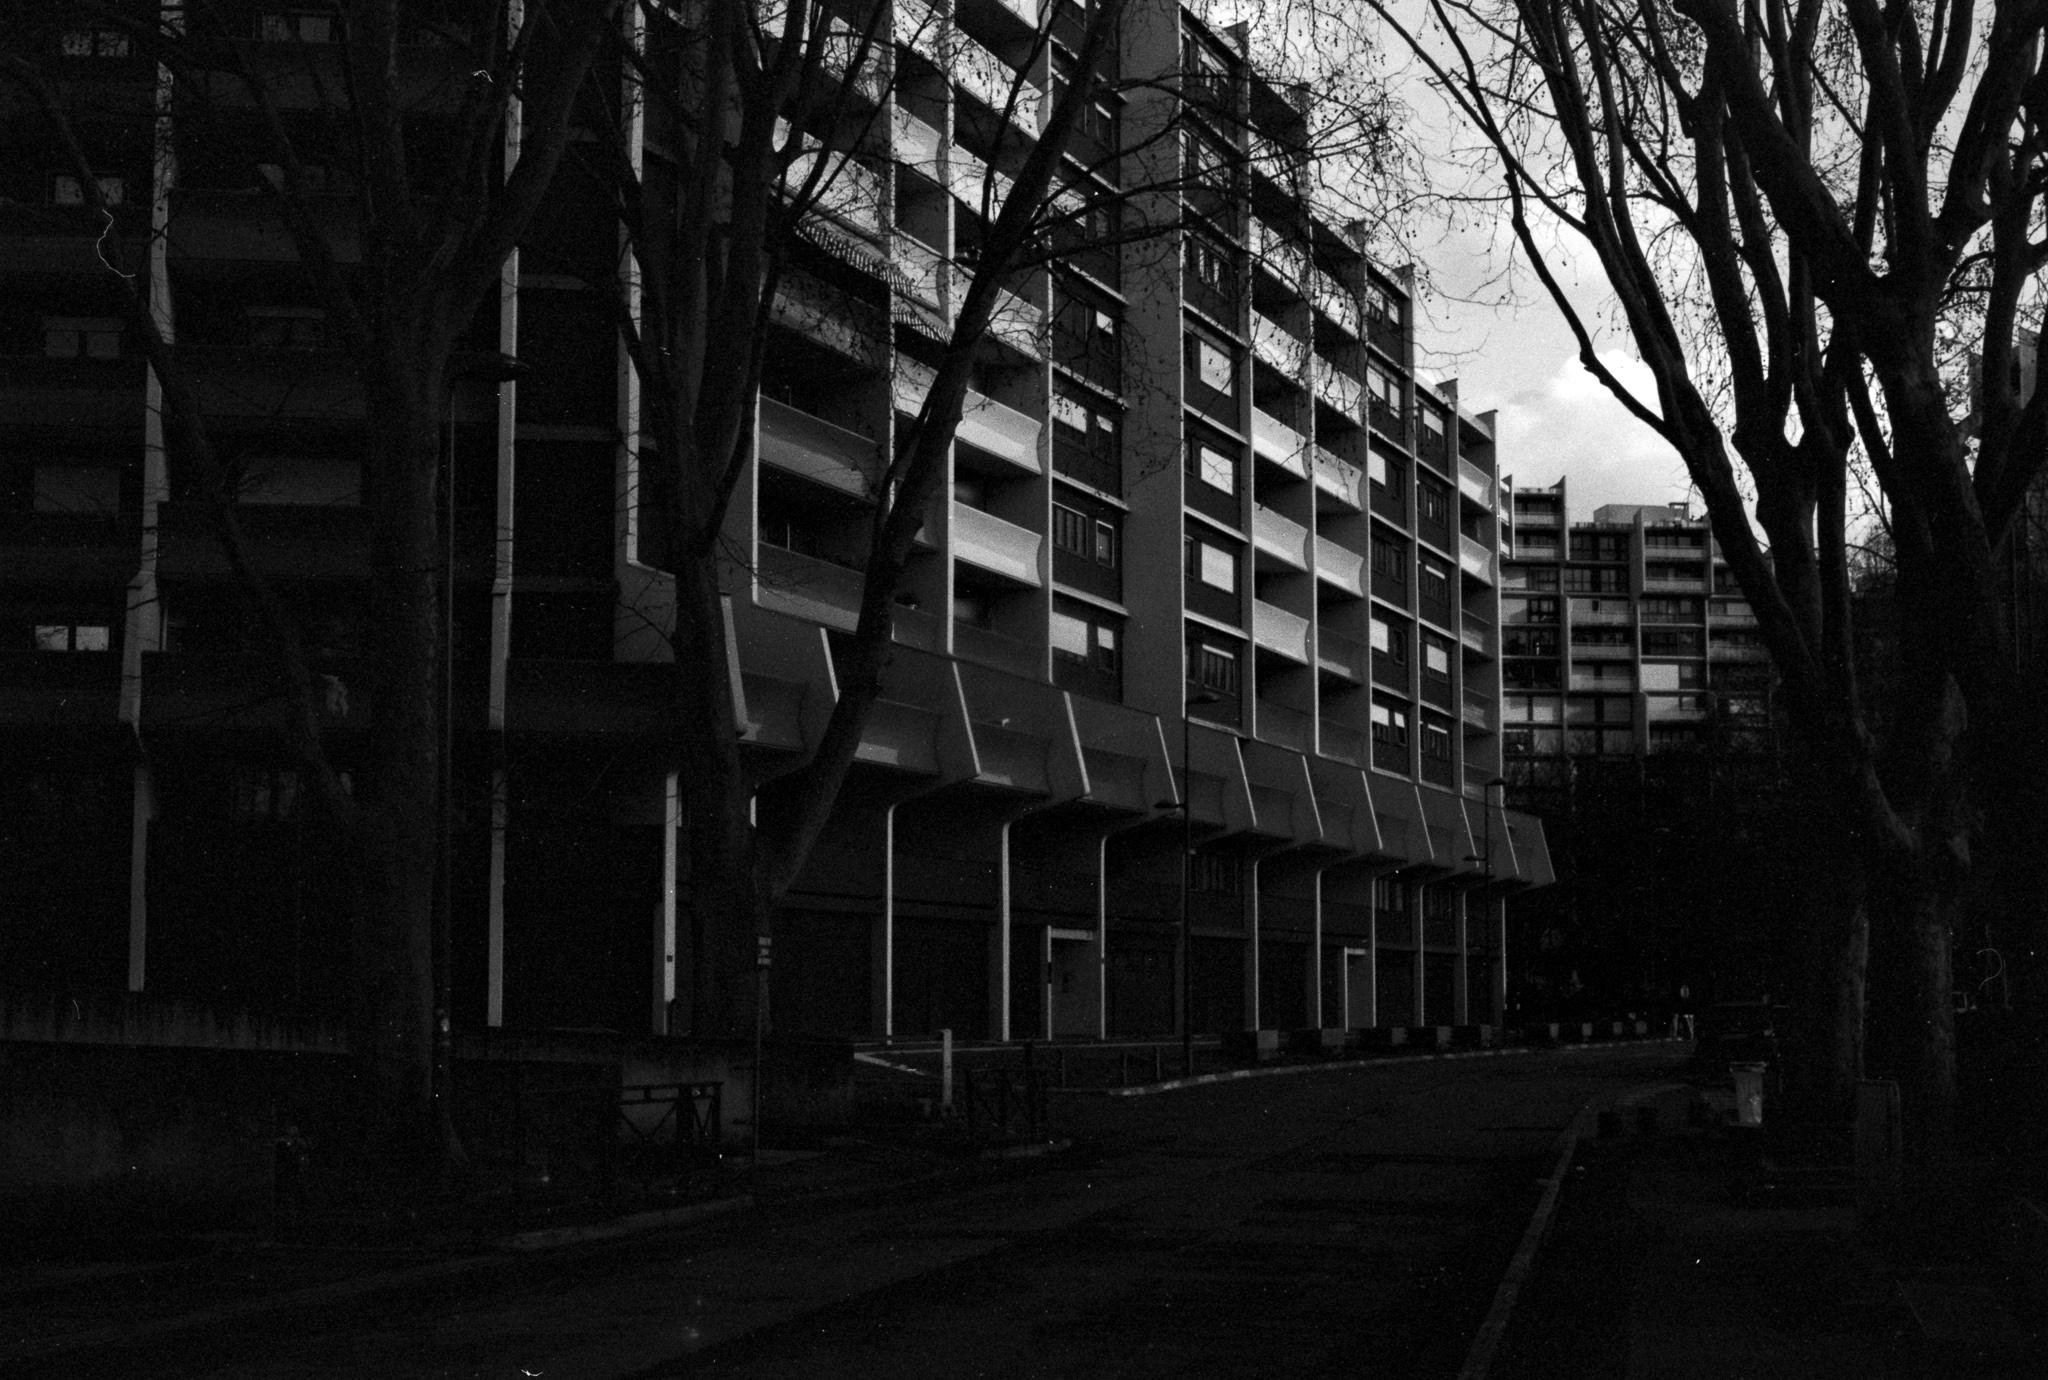 Photographie sombre d'un bâtiment en ville